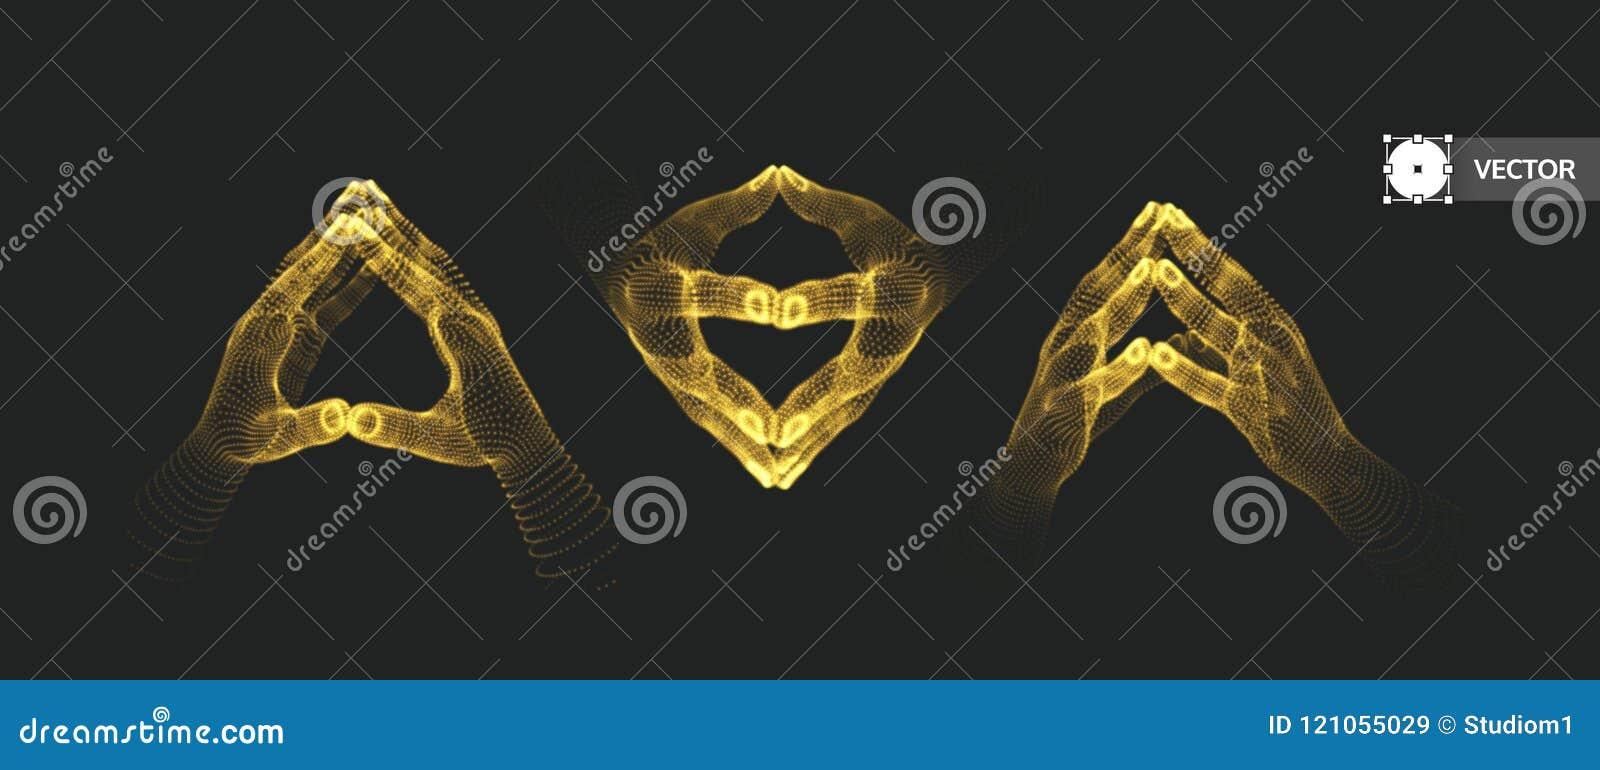 Wręcza istoty ludzkiej dwa Podłączeniowa struktura pojęcia prowadzenia domu posiadanie klucza złoty sięgający niebo 3d ilustracja